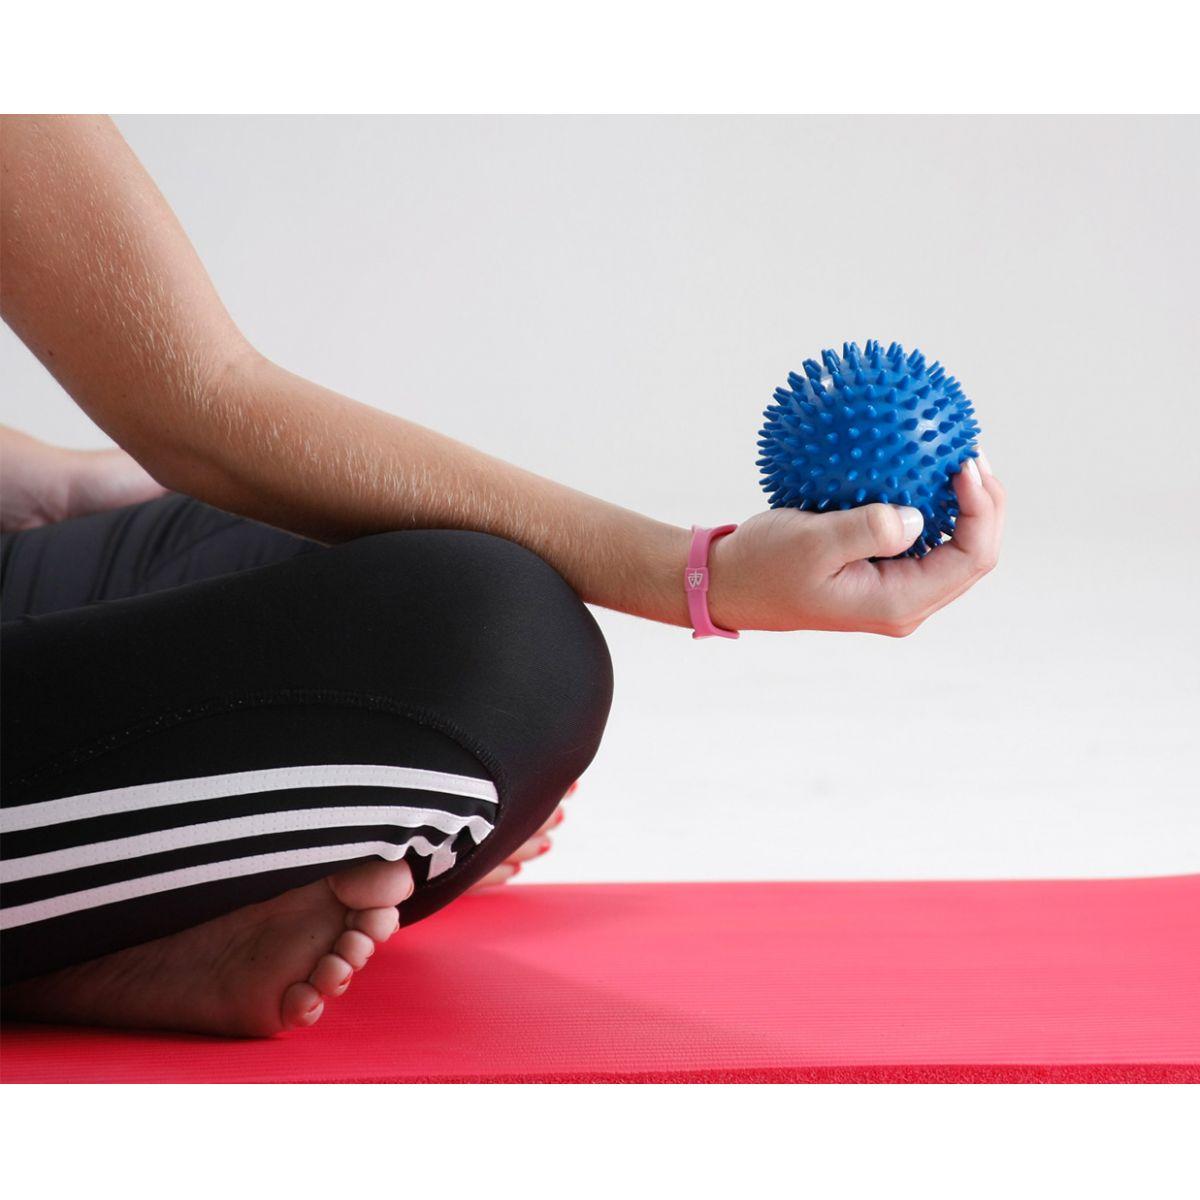 Bola para massagem Point Ball 10cm - macia com cravos  - PBM.10